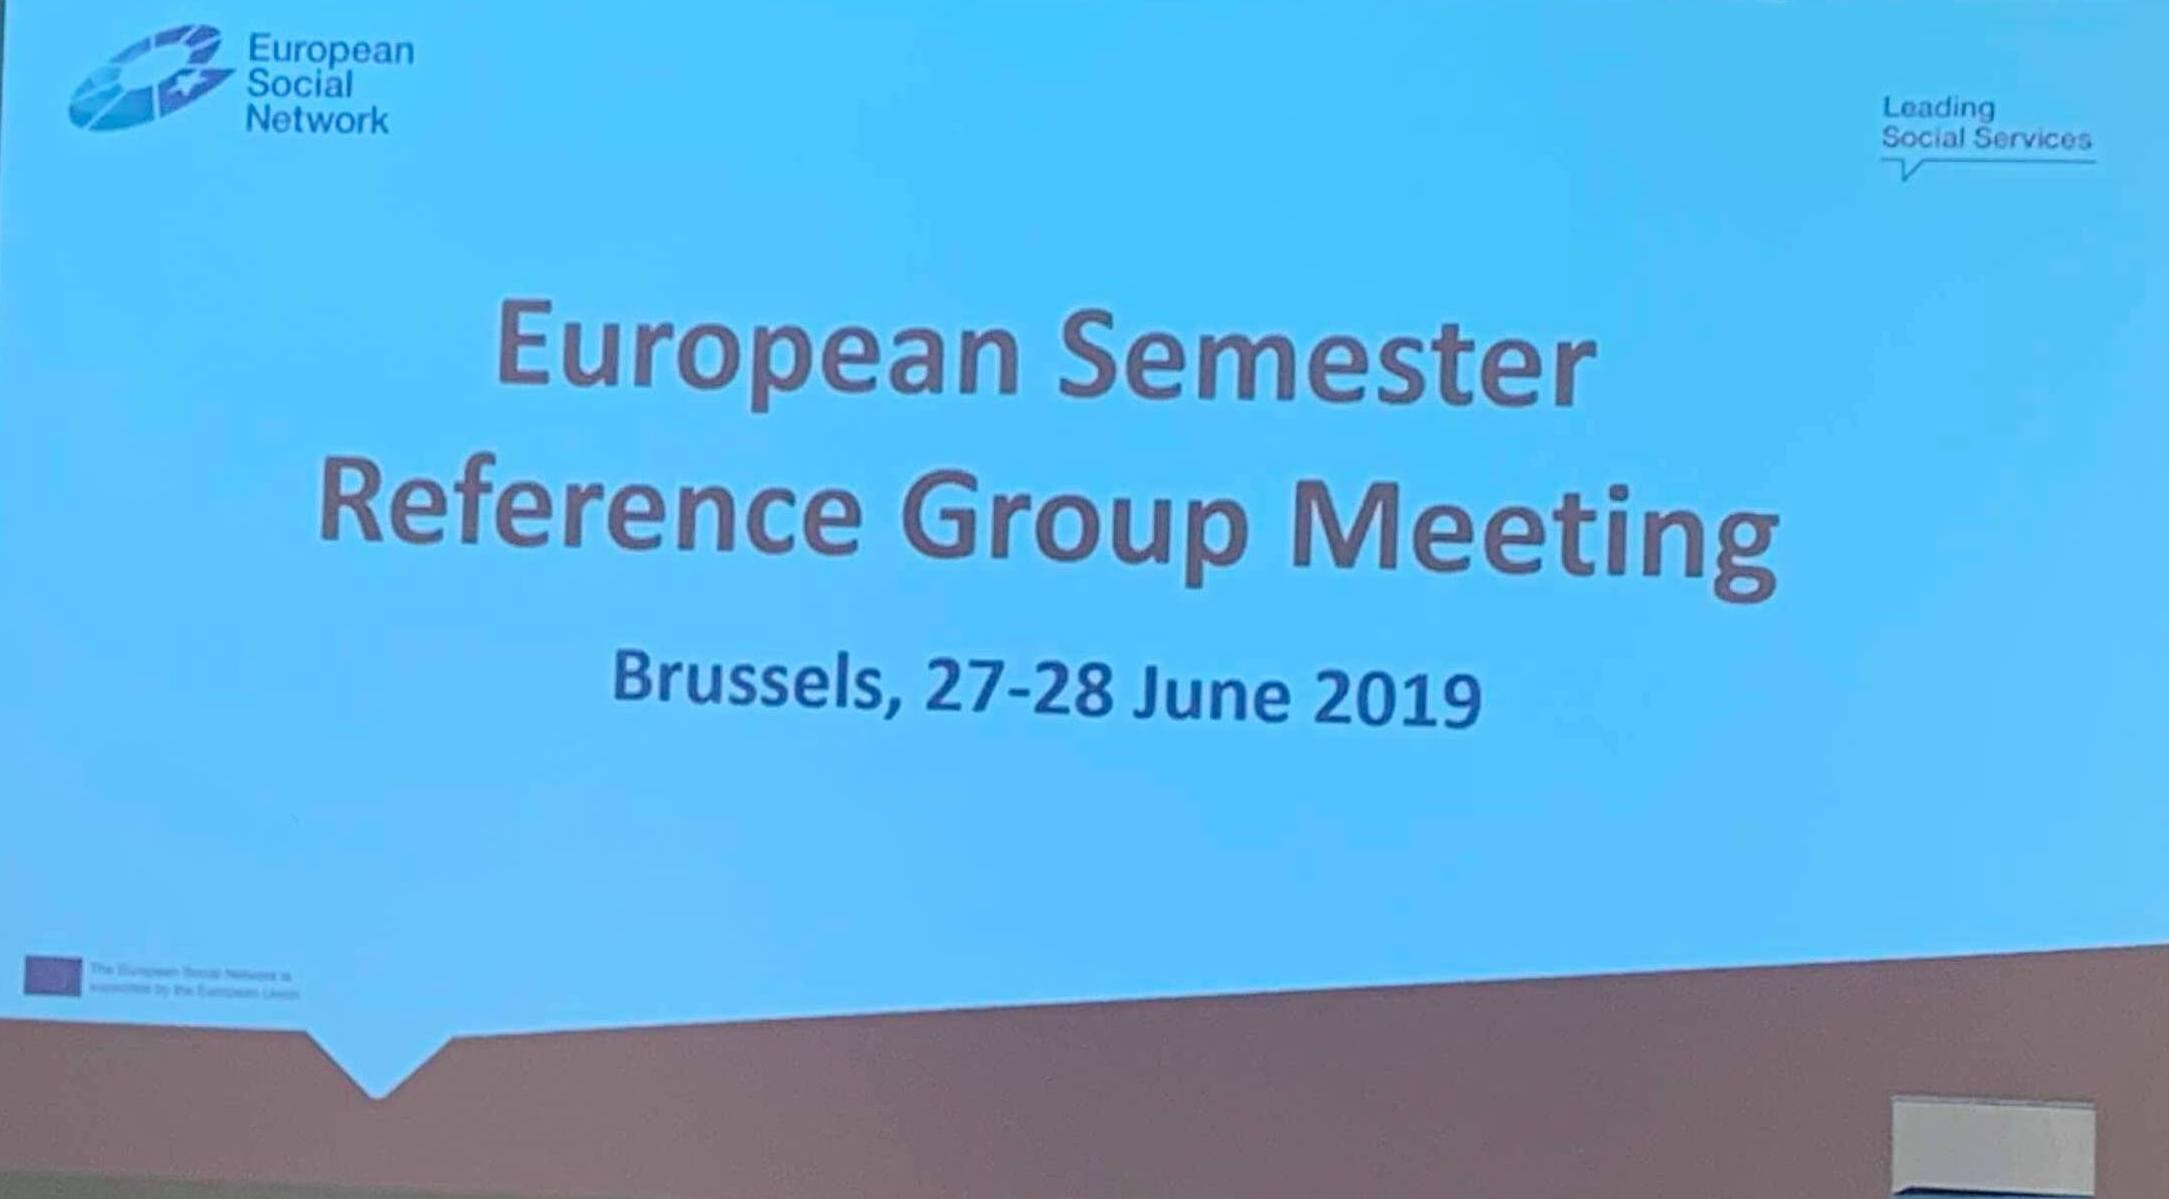 Semestrul European, 27-28 iunie 2019 – Întâlnirea Grupului de Referință